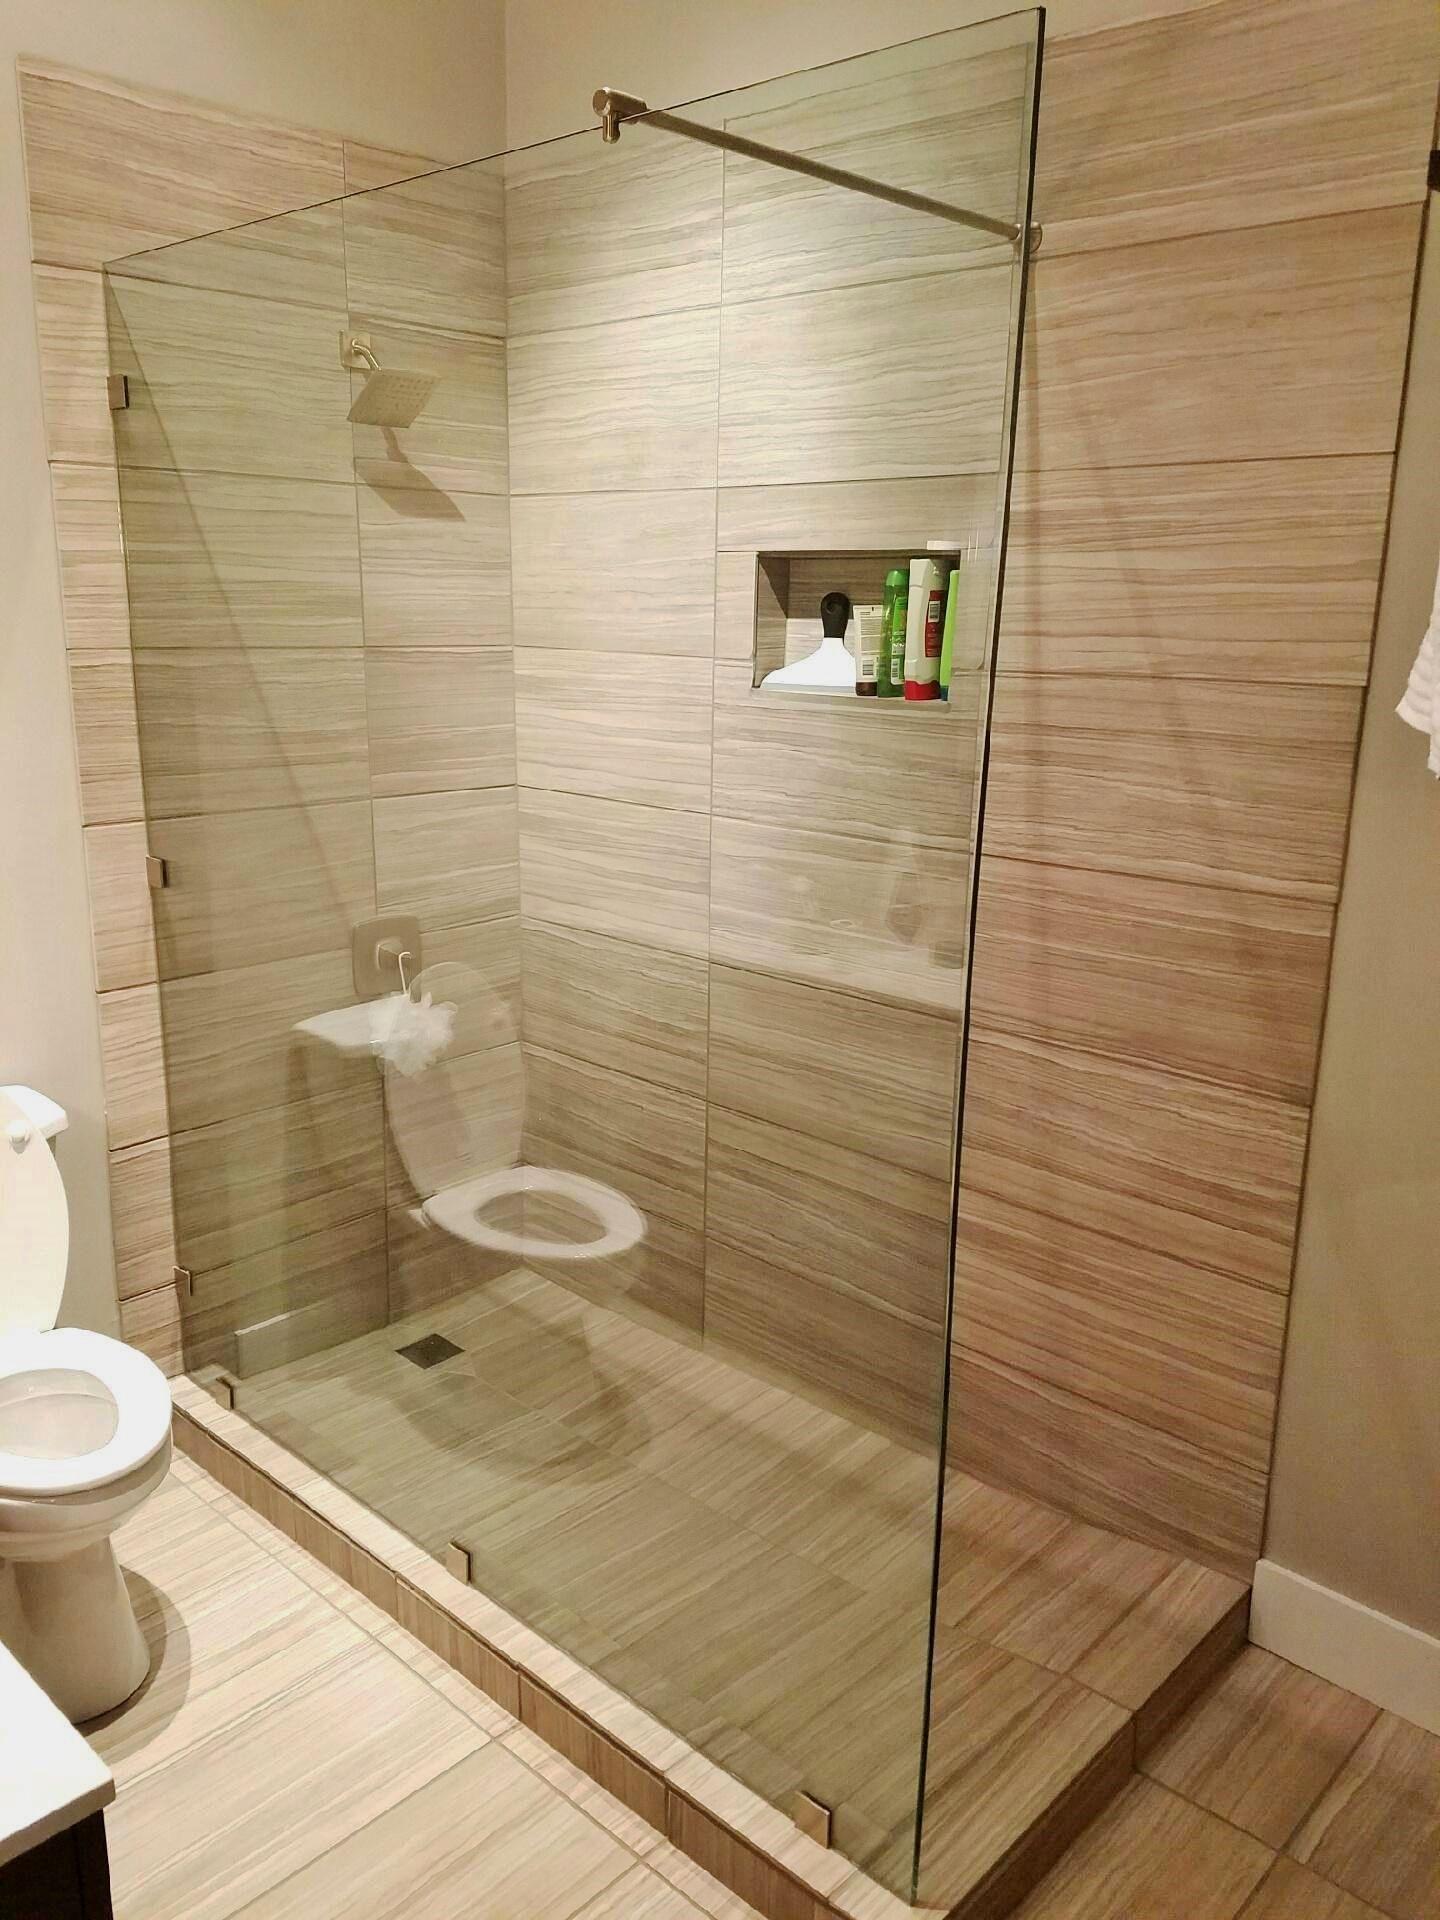 Frameless Walk-in Shower Enclosure: Splash Panel - Furnished ...